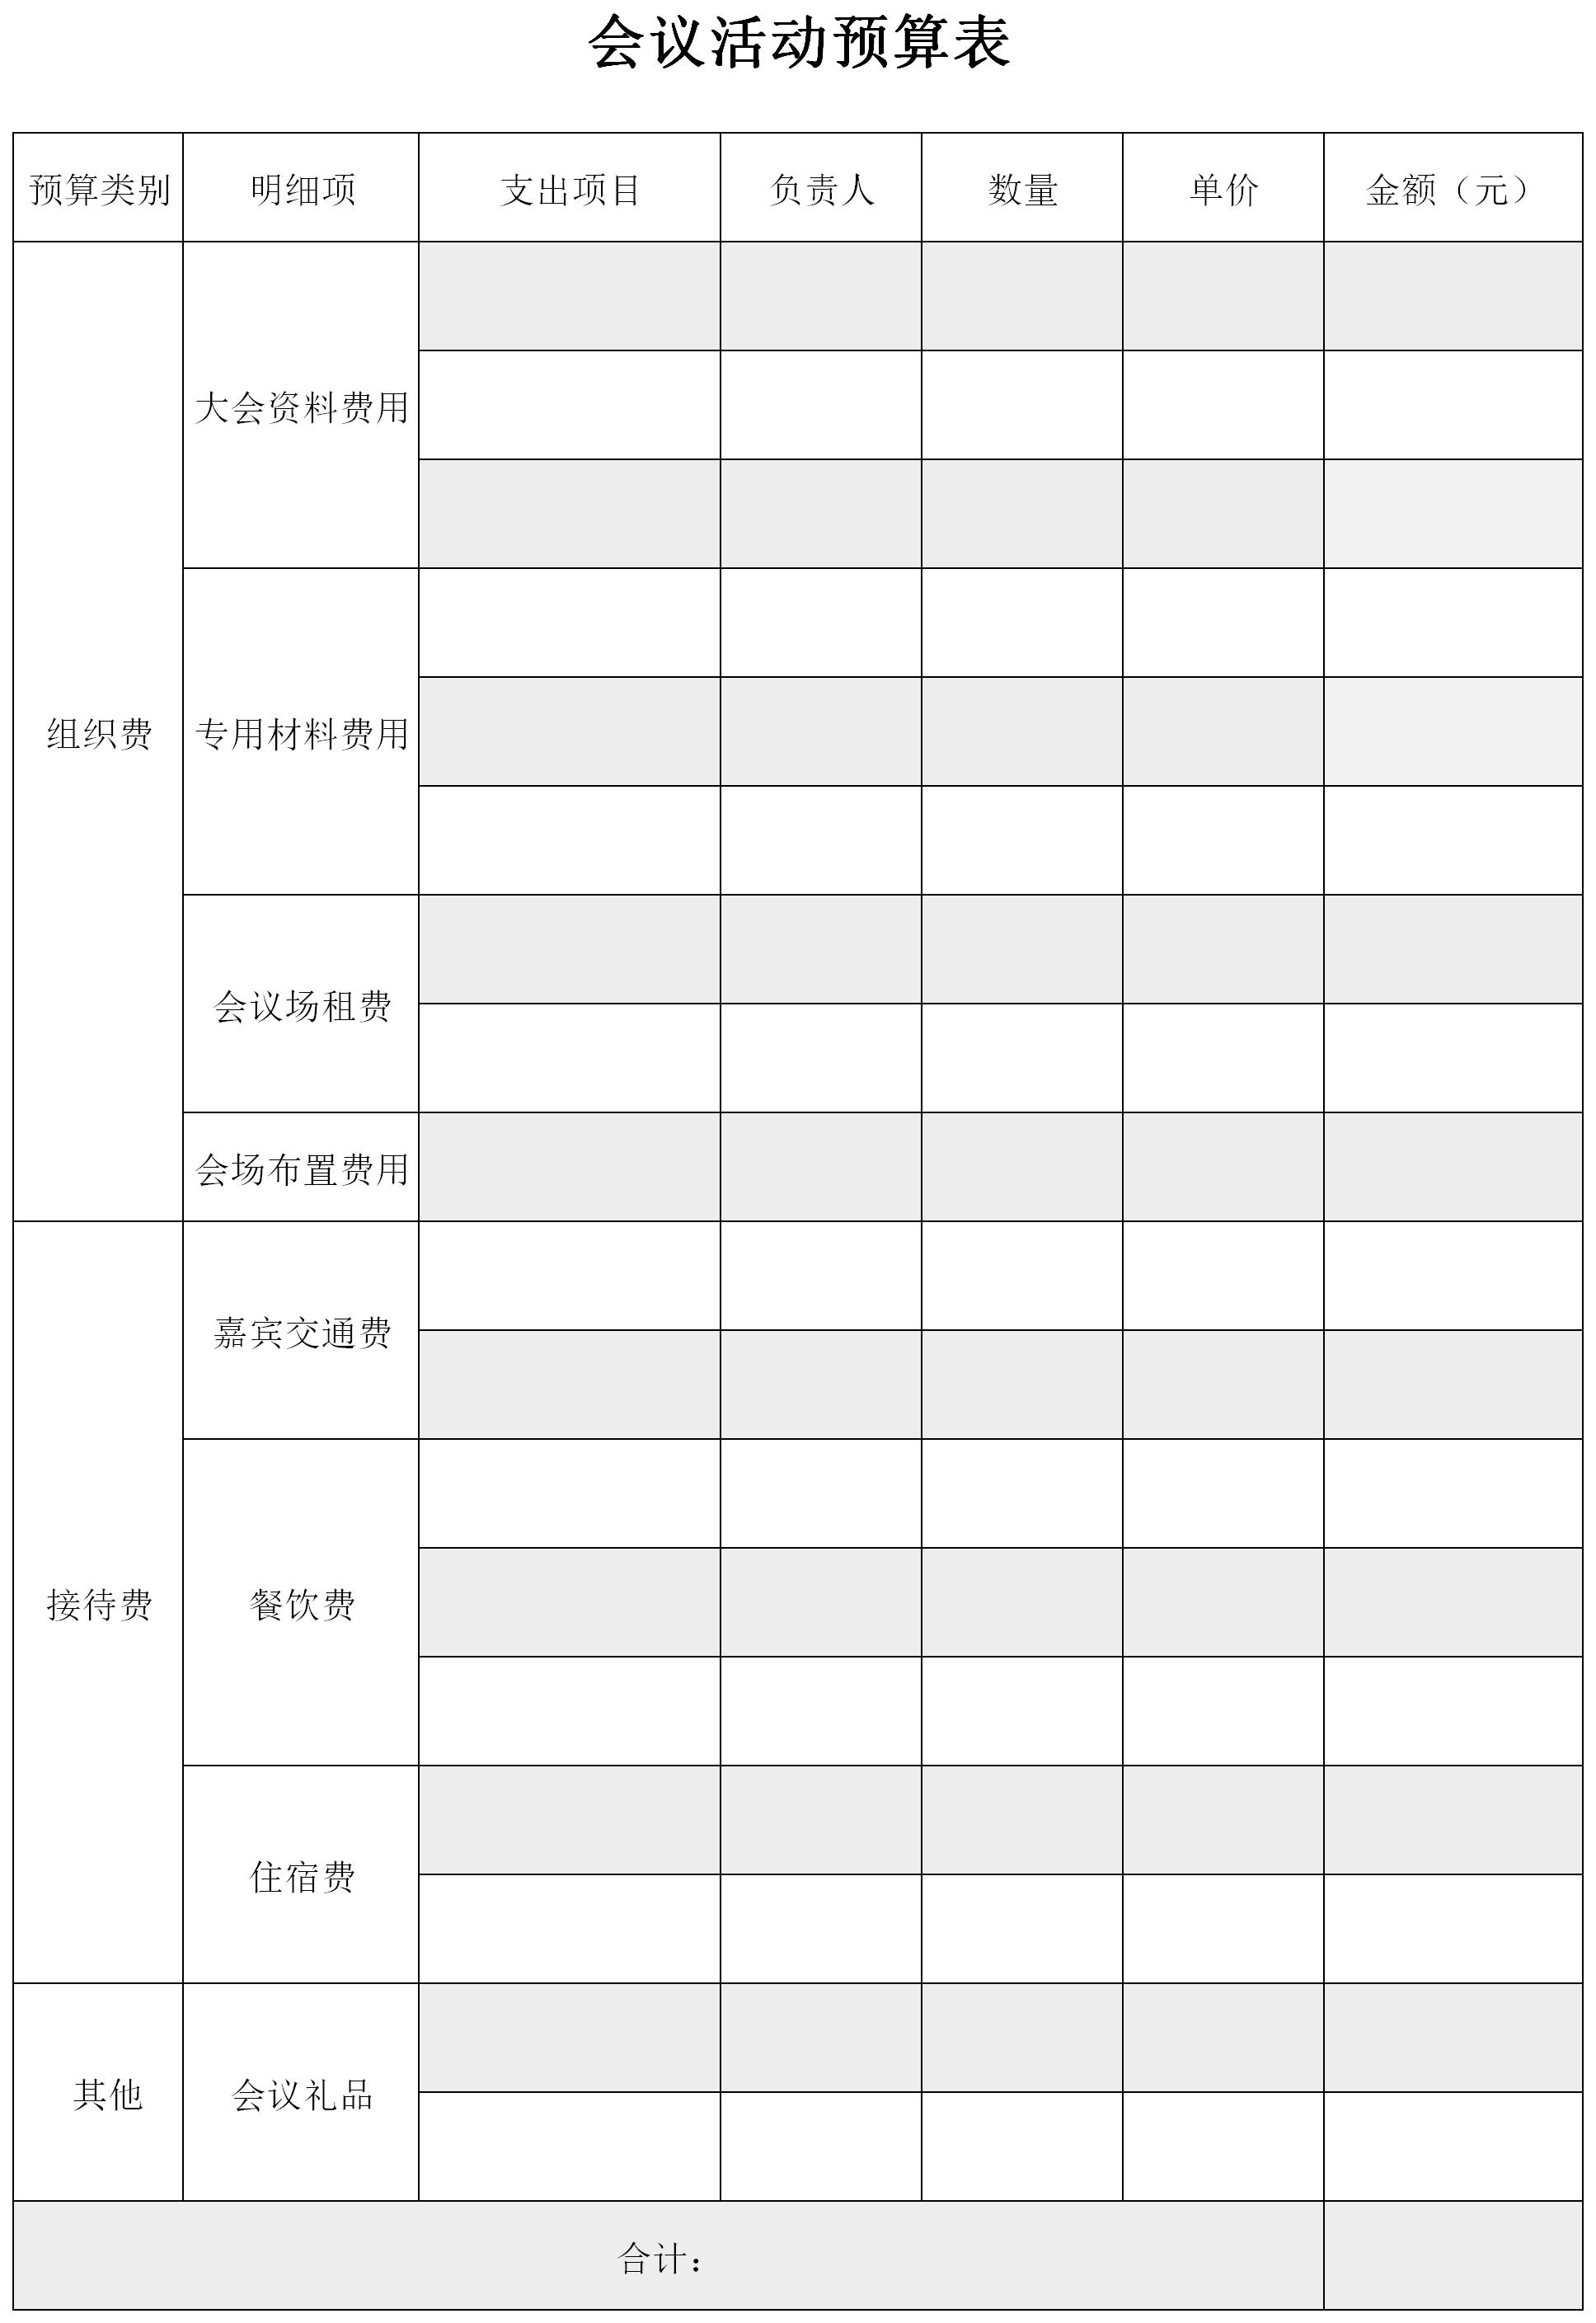 会议活动预算表格截图